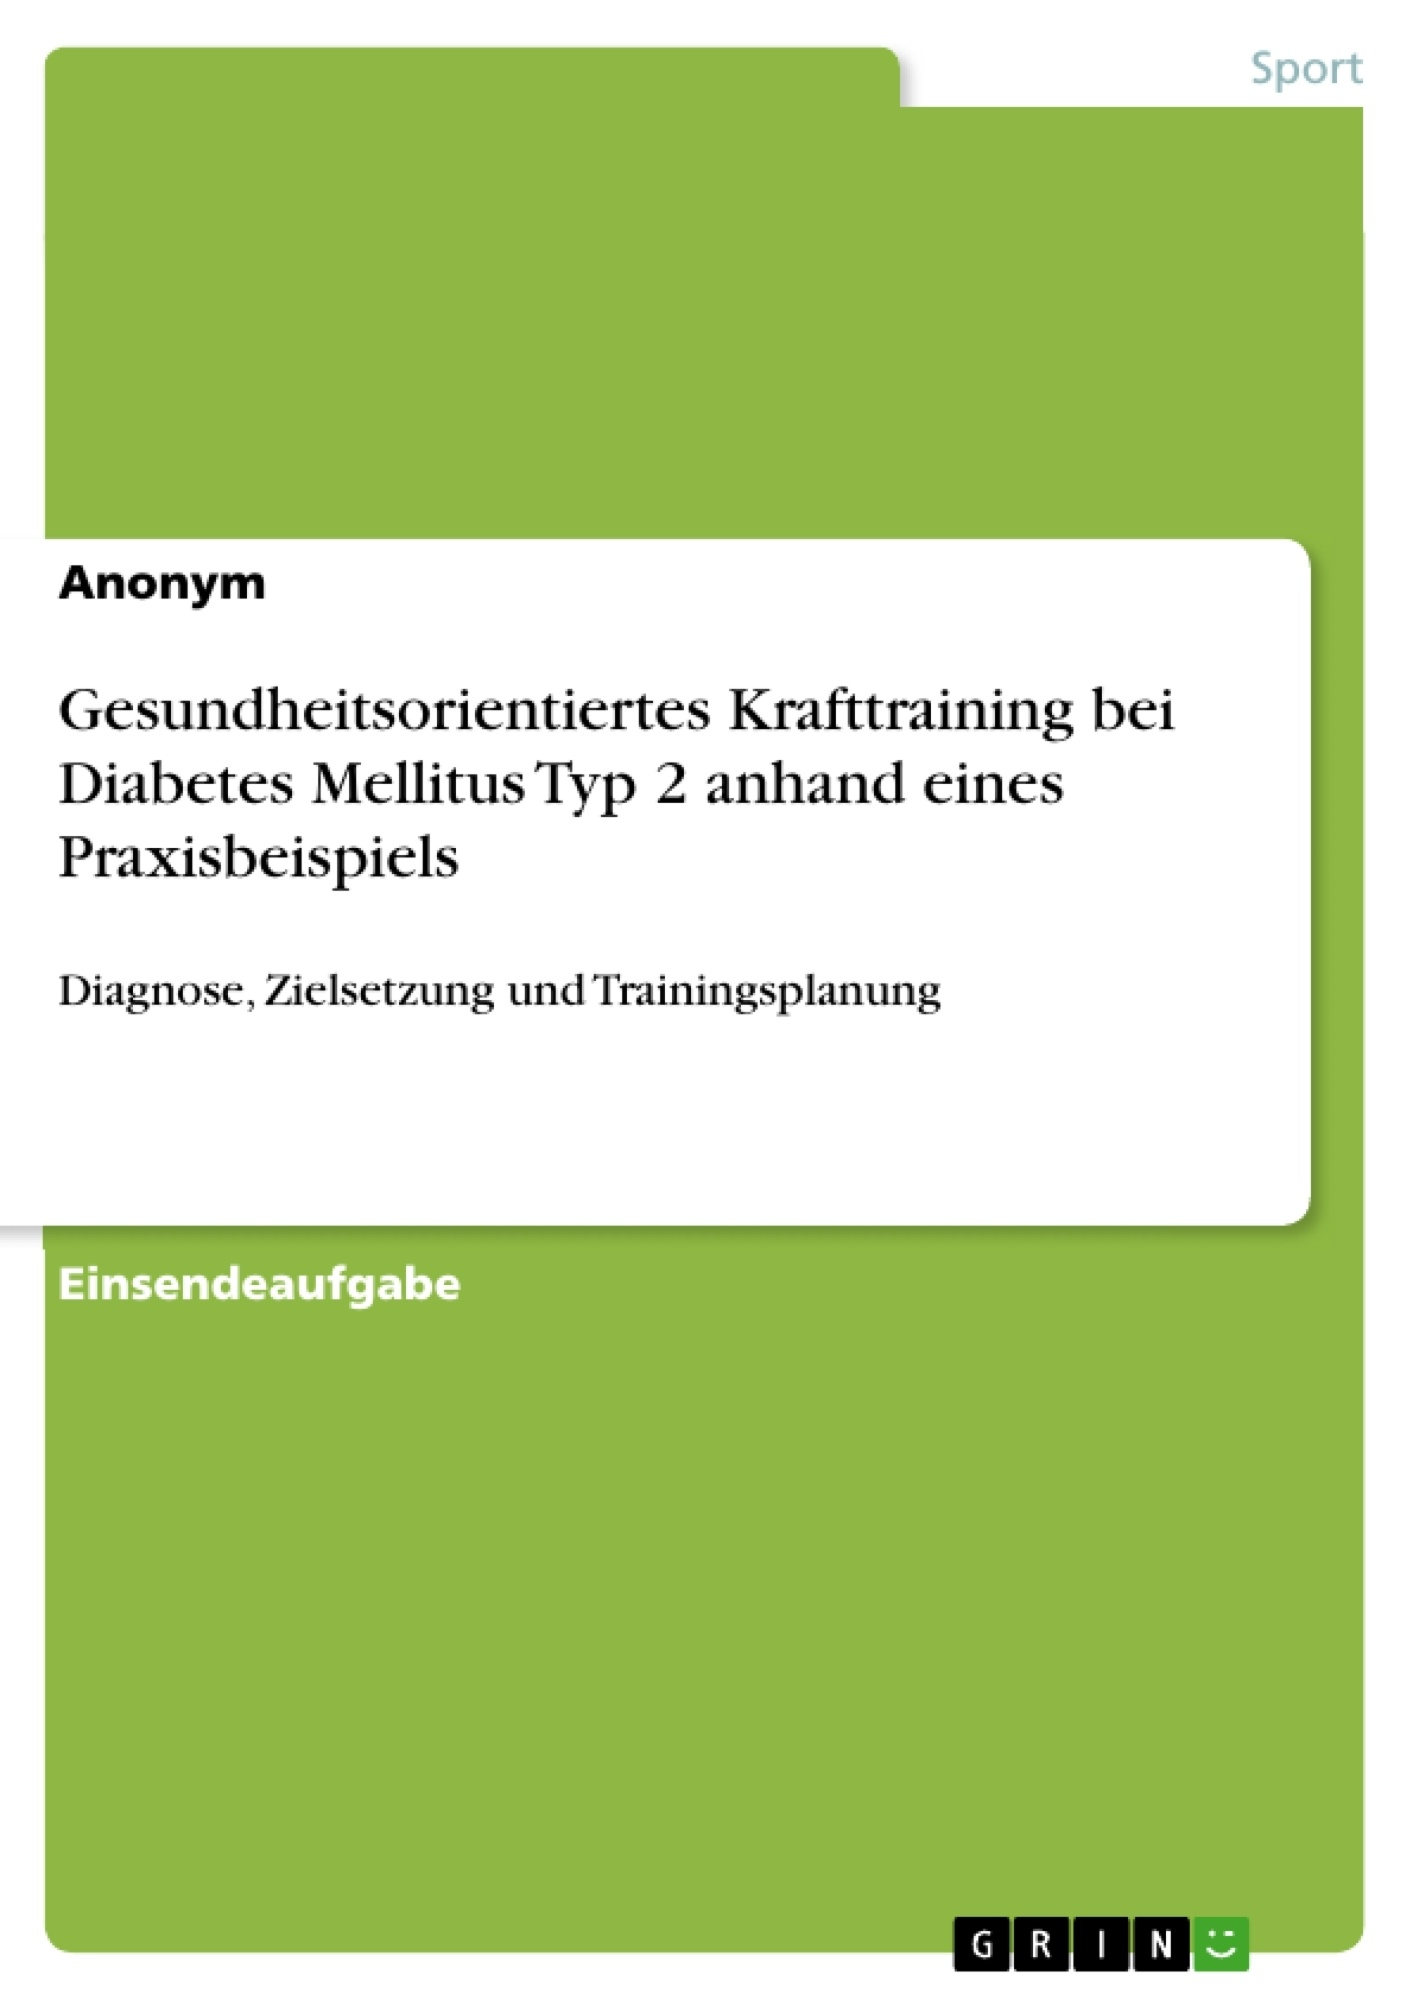 Titel: Gesundheitsorientiertes Krafttraining bei Diabetes Mellitus Typ 2 anhand eines Praxisbeispiels